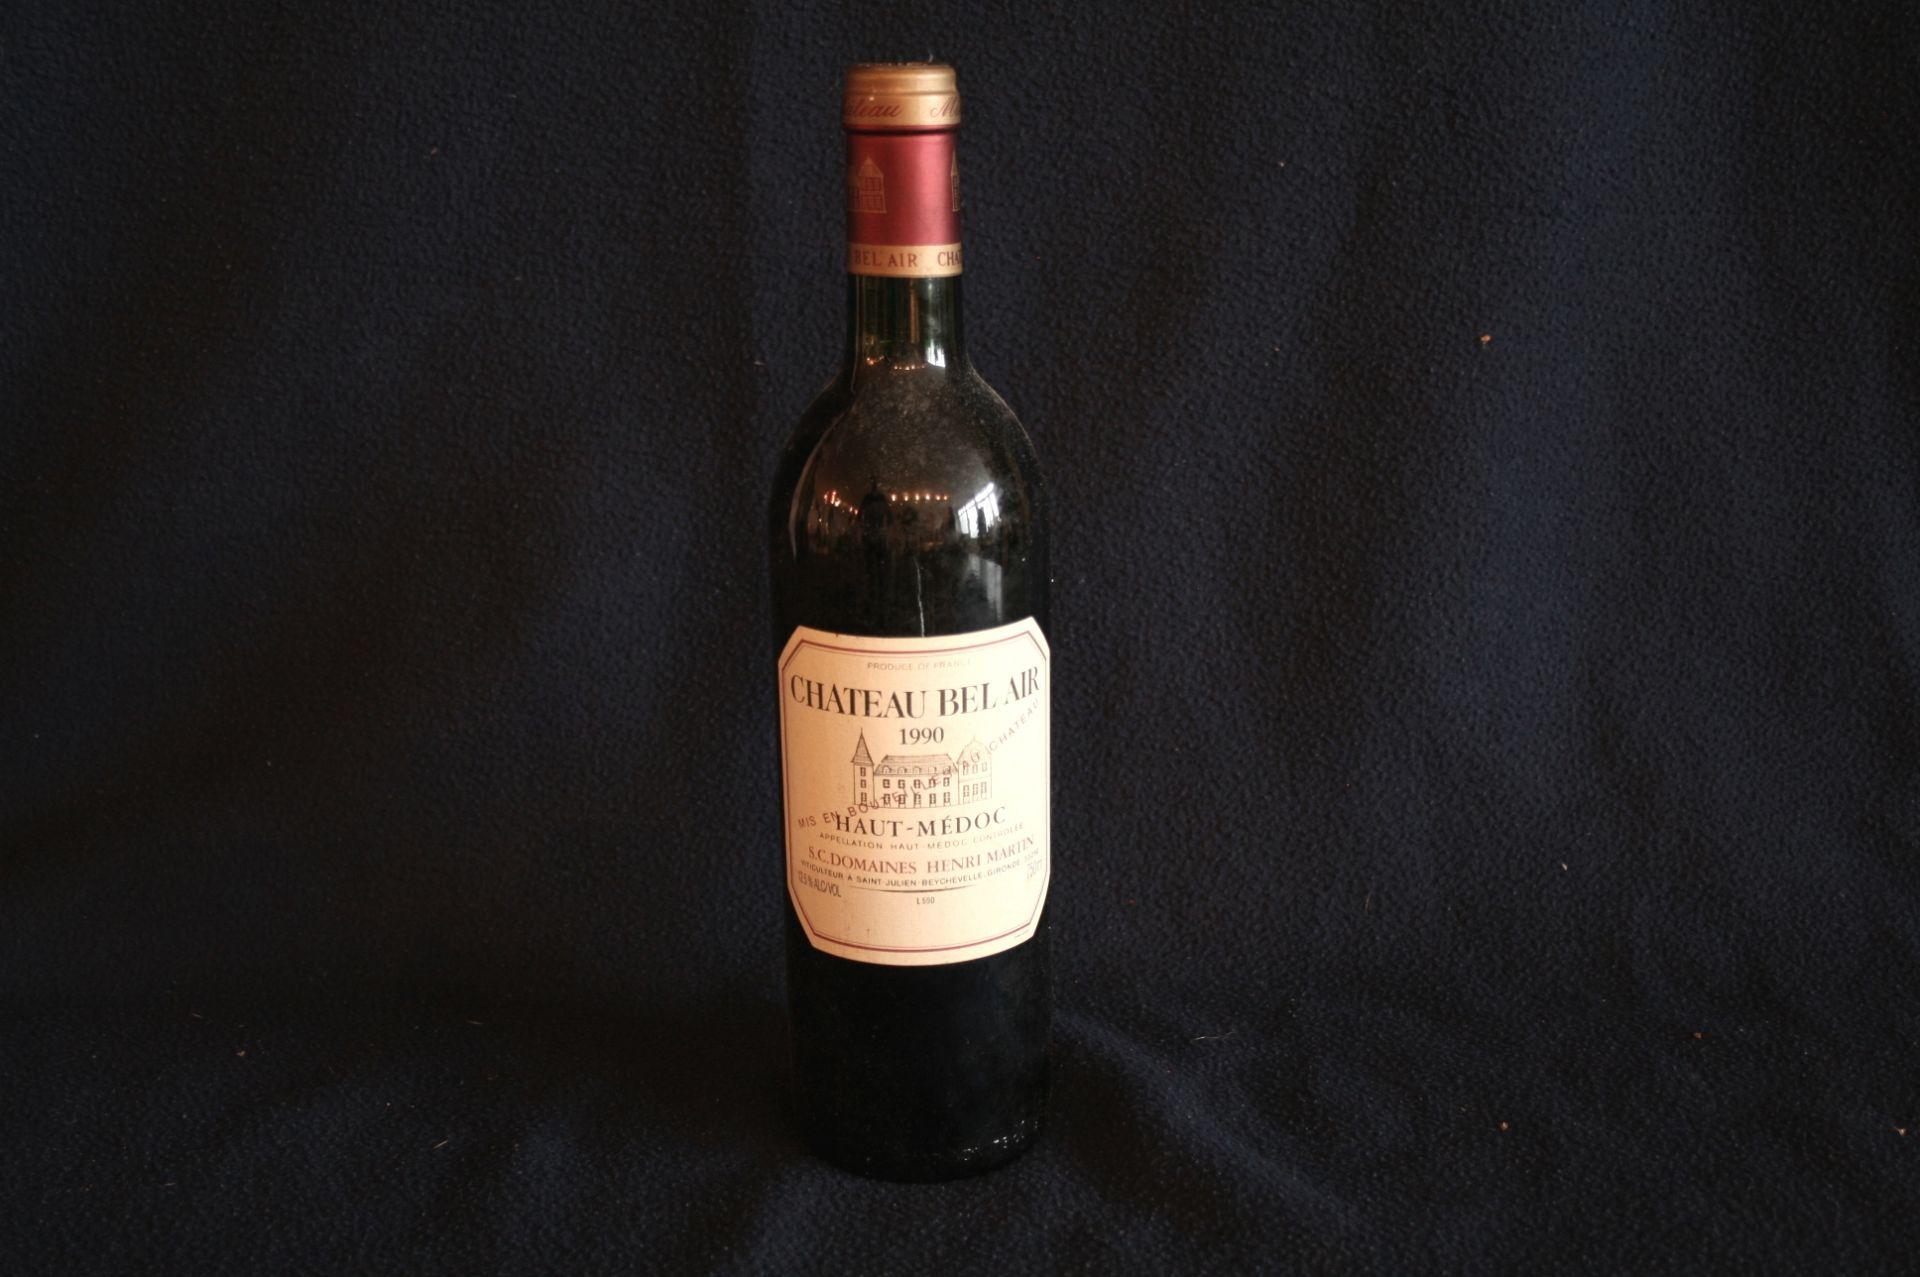 Los 48 - 1 bouteille de Bordeaux HAUT-MEDOC, rouge, château BEL AIR, 1990 - 1 bottle of [...]